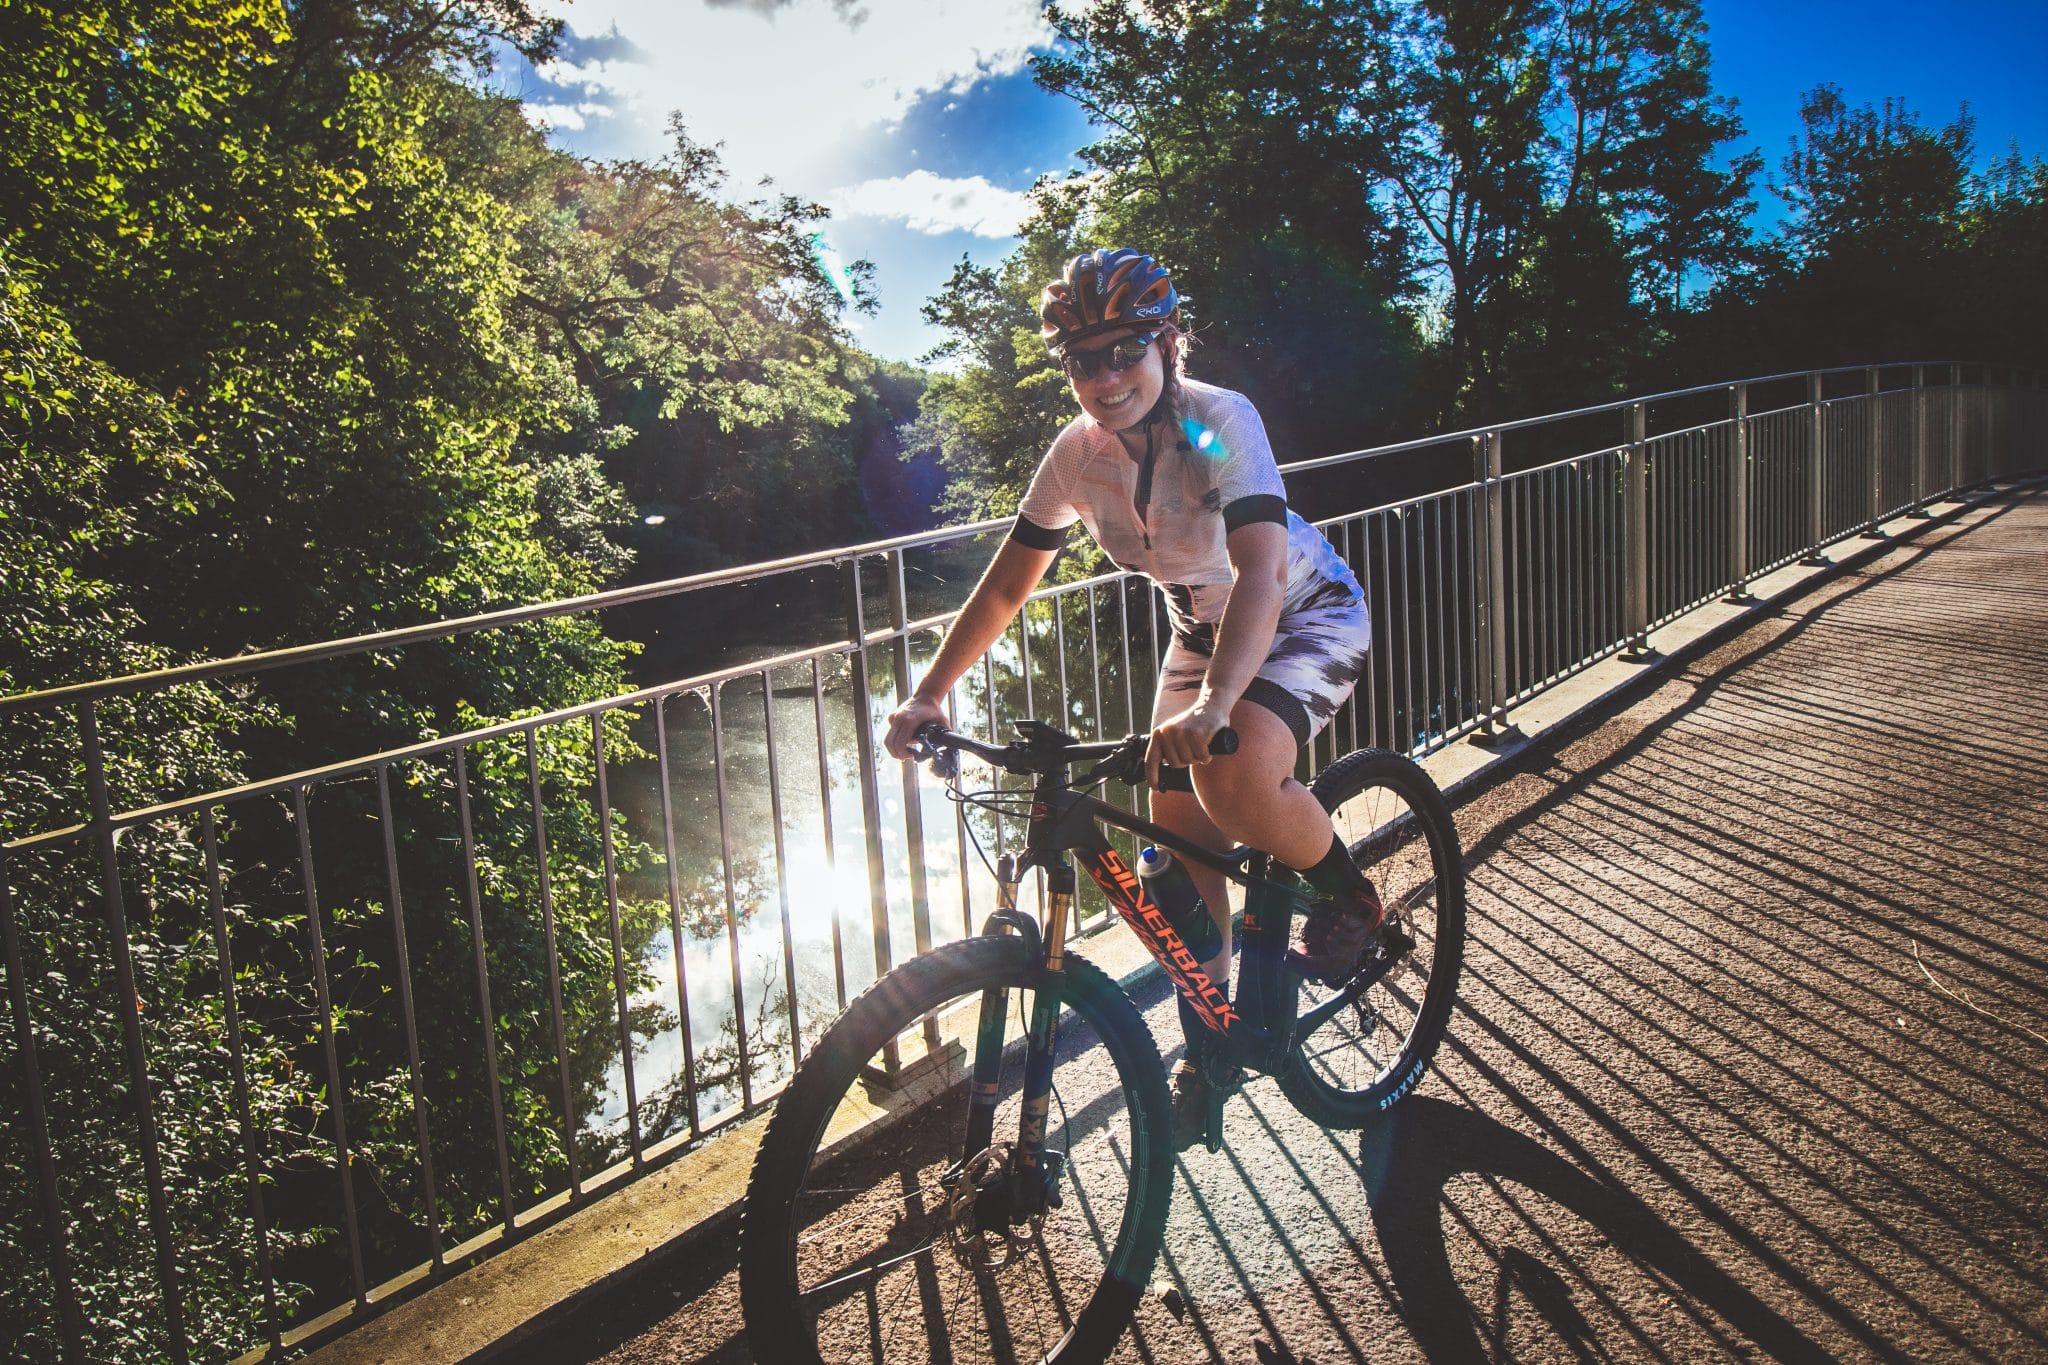 Fahrradbekleidung - Meine persönliche Ausrüstung und Erfahrungen, Tipps und Empfehlungen